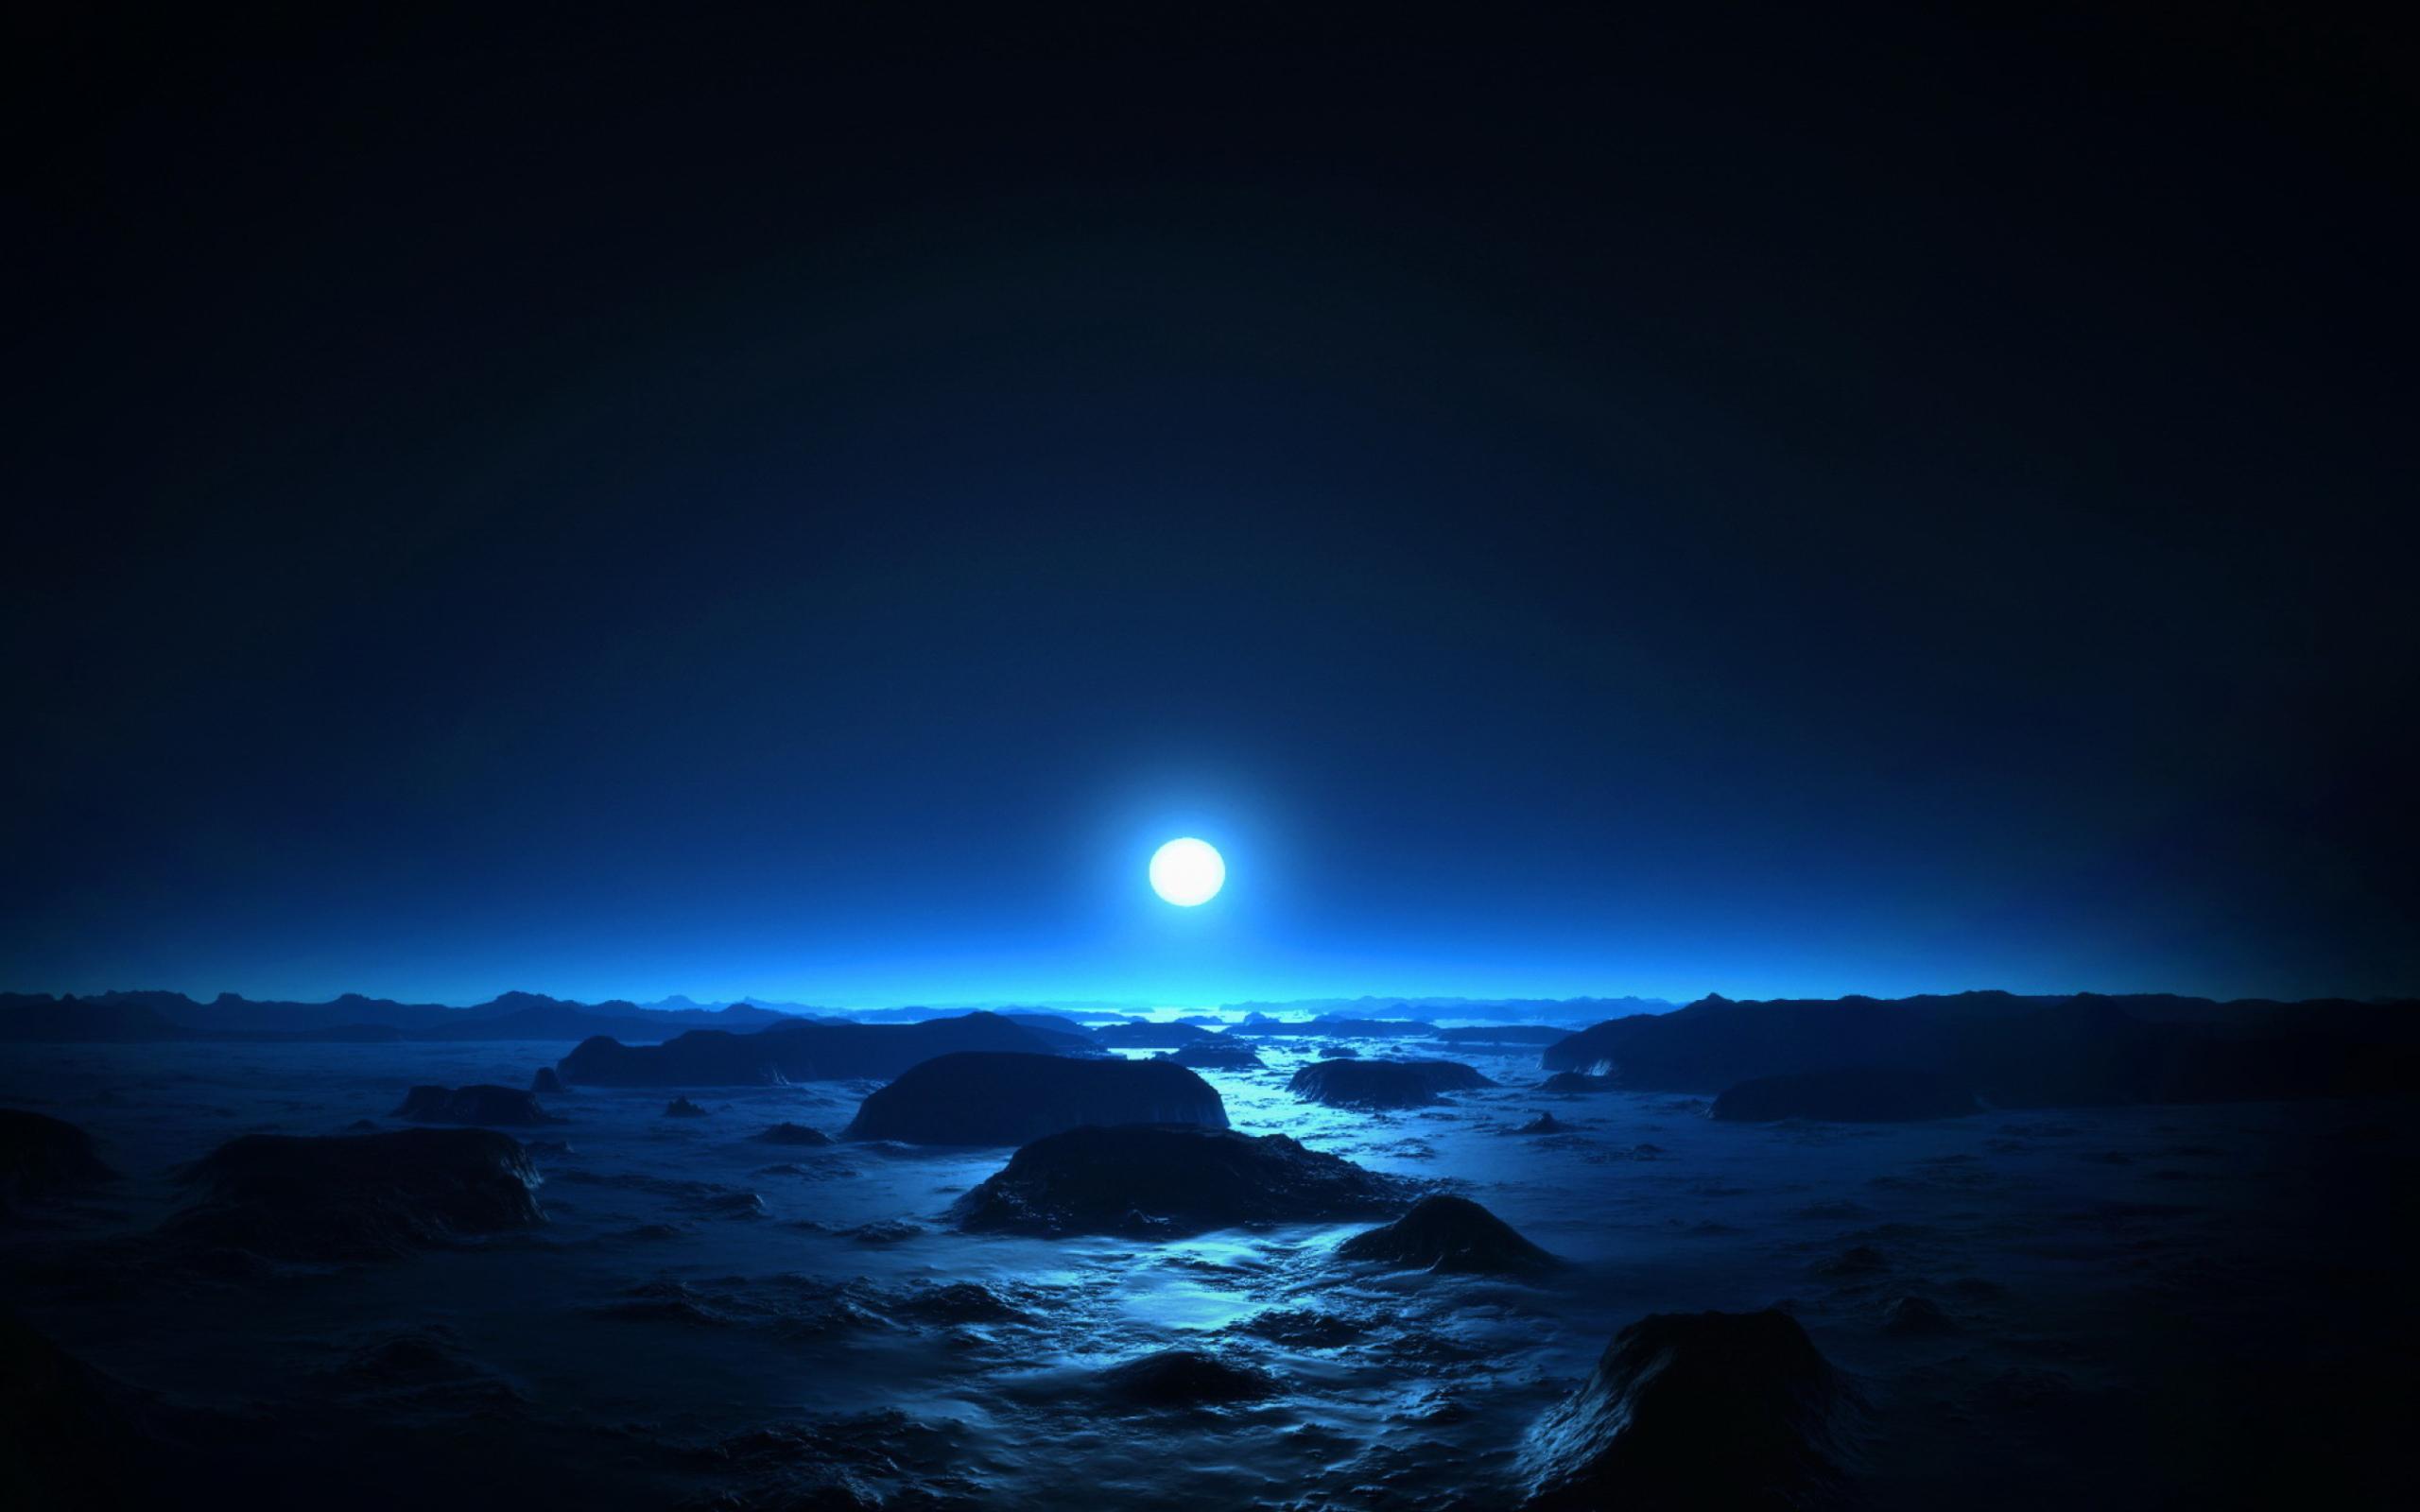 небо звезды камни загрузить